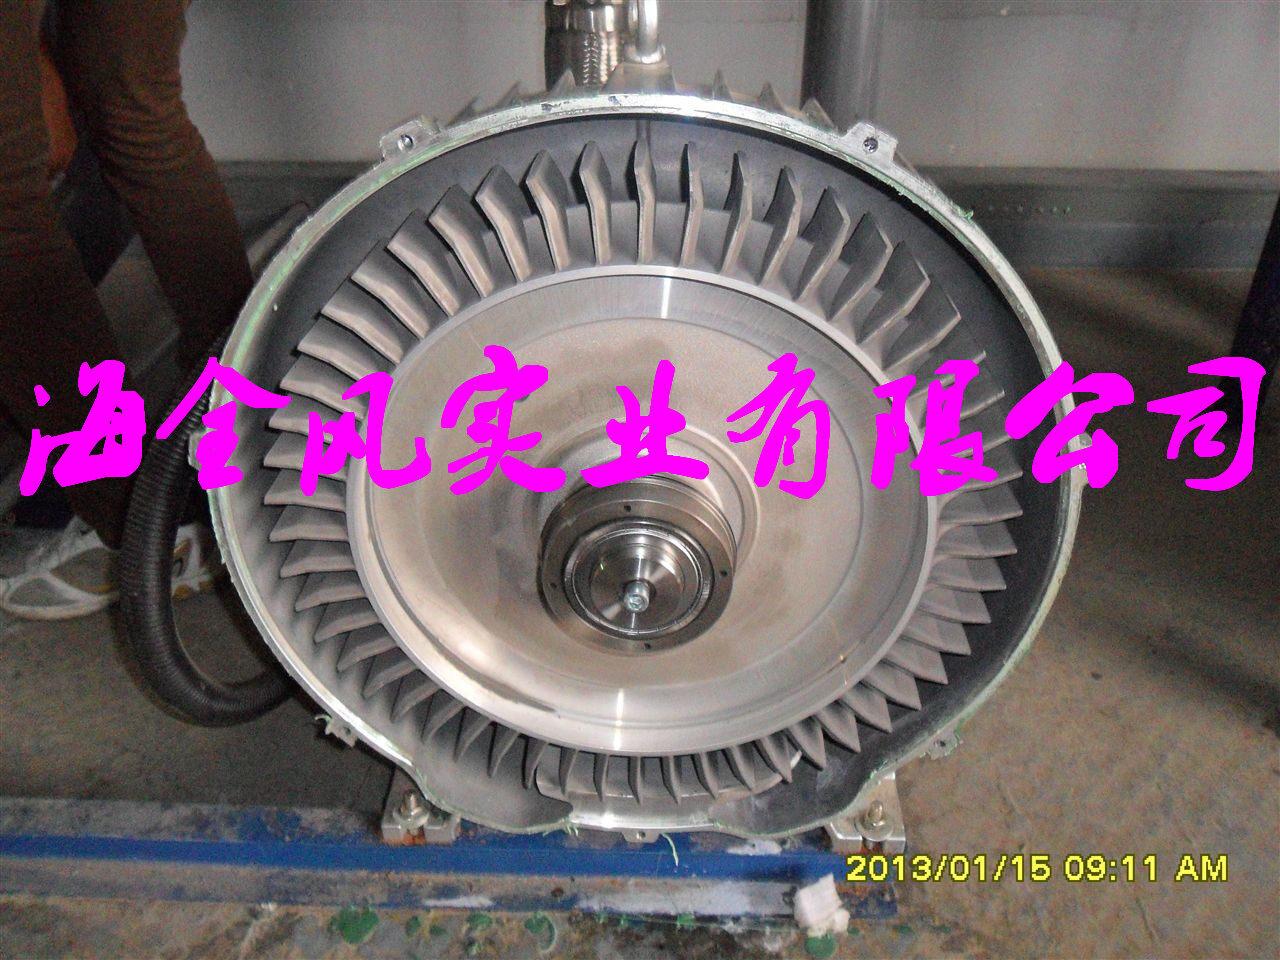 产品库 泵阀 泵阀 泵 环形高压气泵     环形高压气泵 使用   不管是